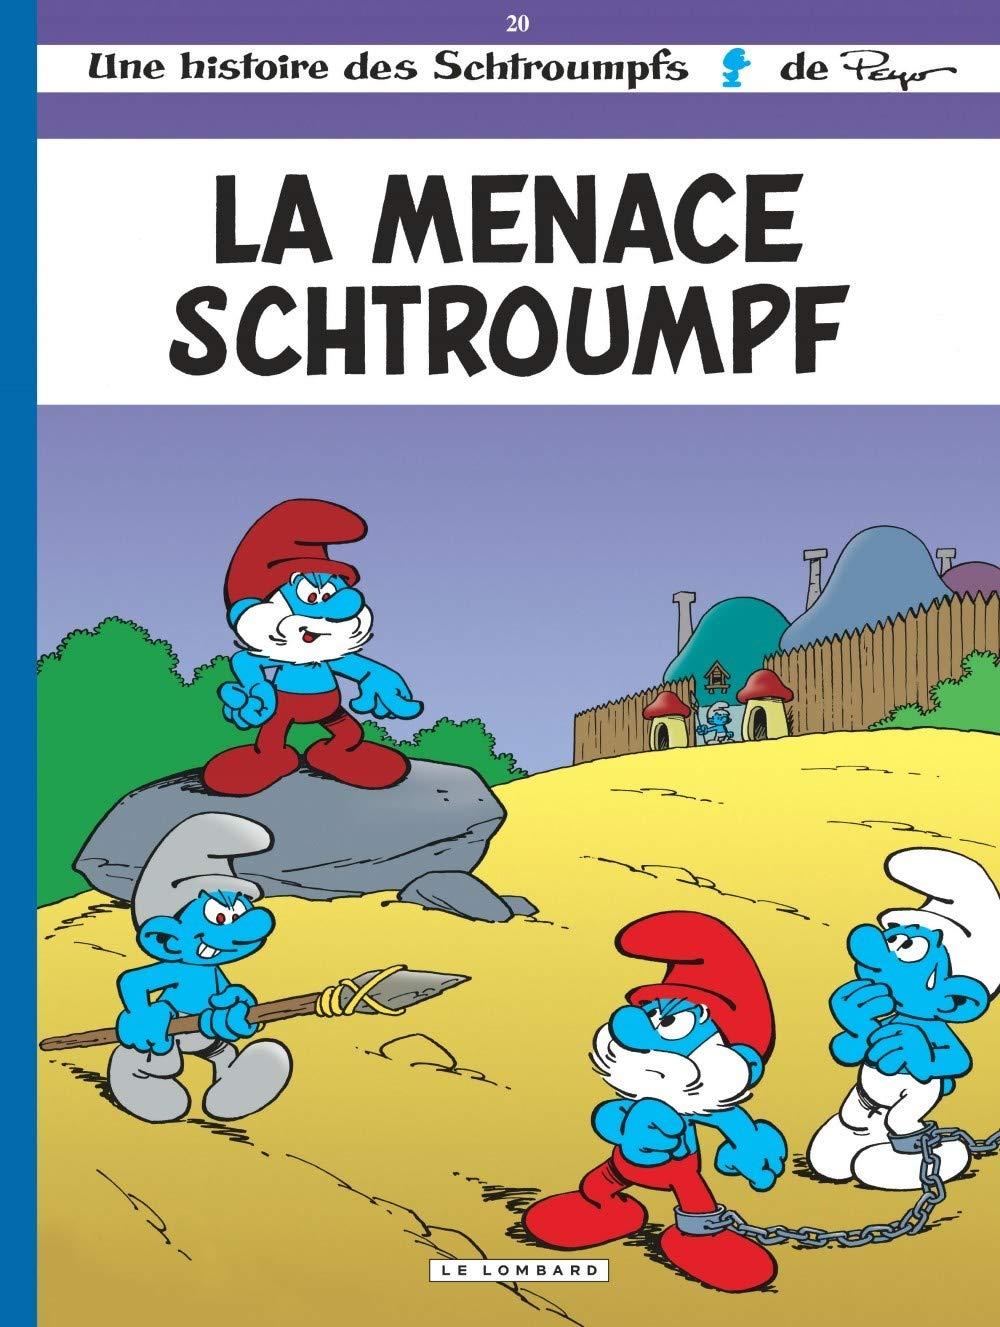 The Smurf Menace (comic book) | Smurfs Wiki | FANDOM powered by Wikia